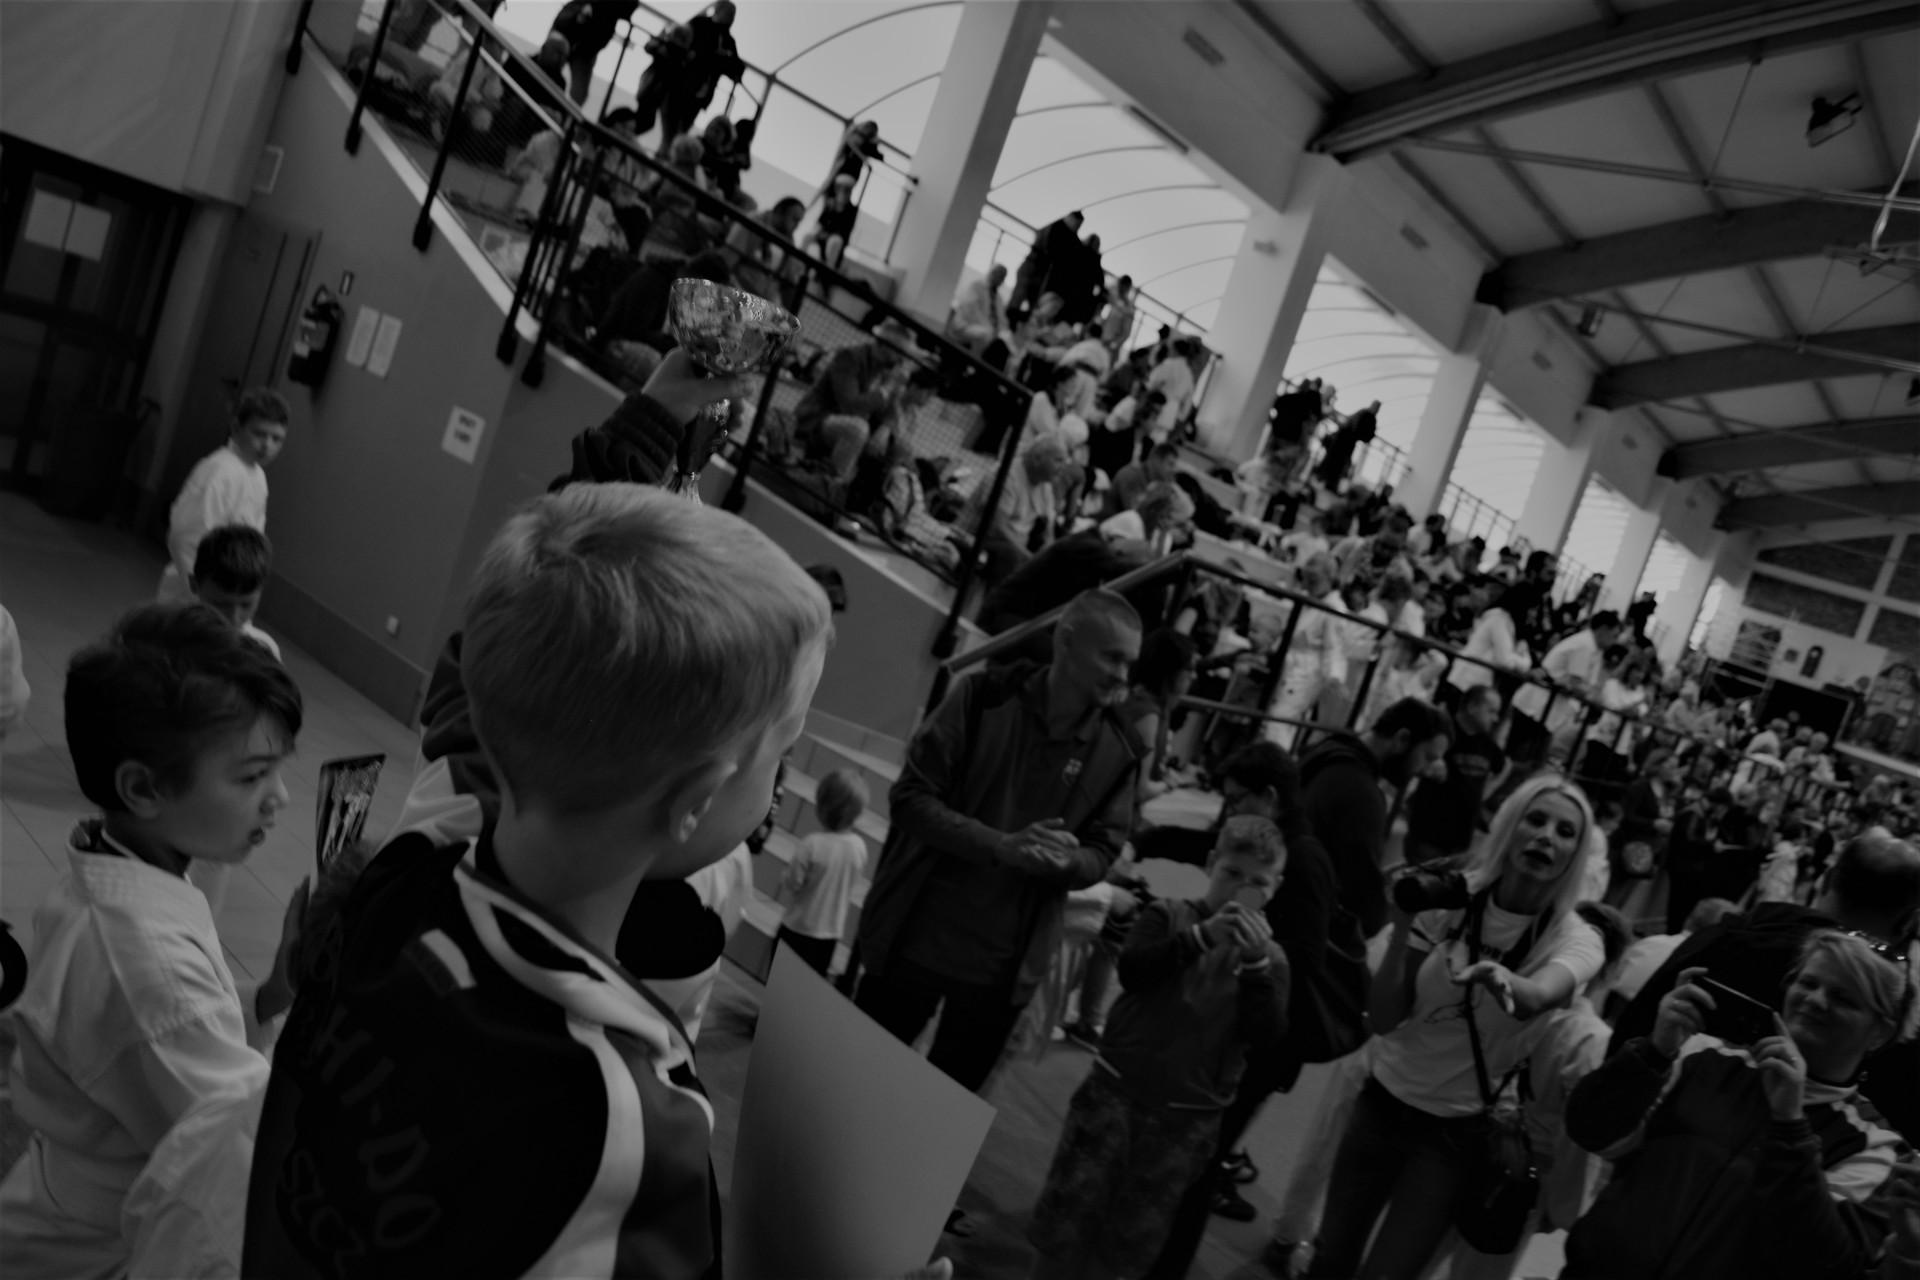 Karate w Żukowie. Zawody organizowane przez Klub Sportowy Gokken, 4 czerwca 2017. Fot. Tomasz Słomczyński/Magazyn Kaszuby